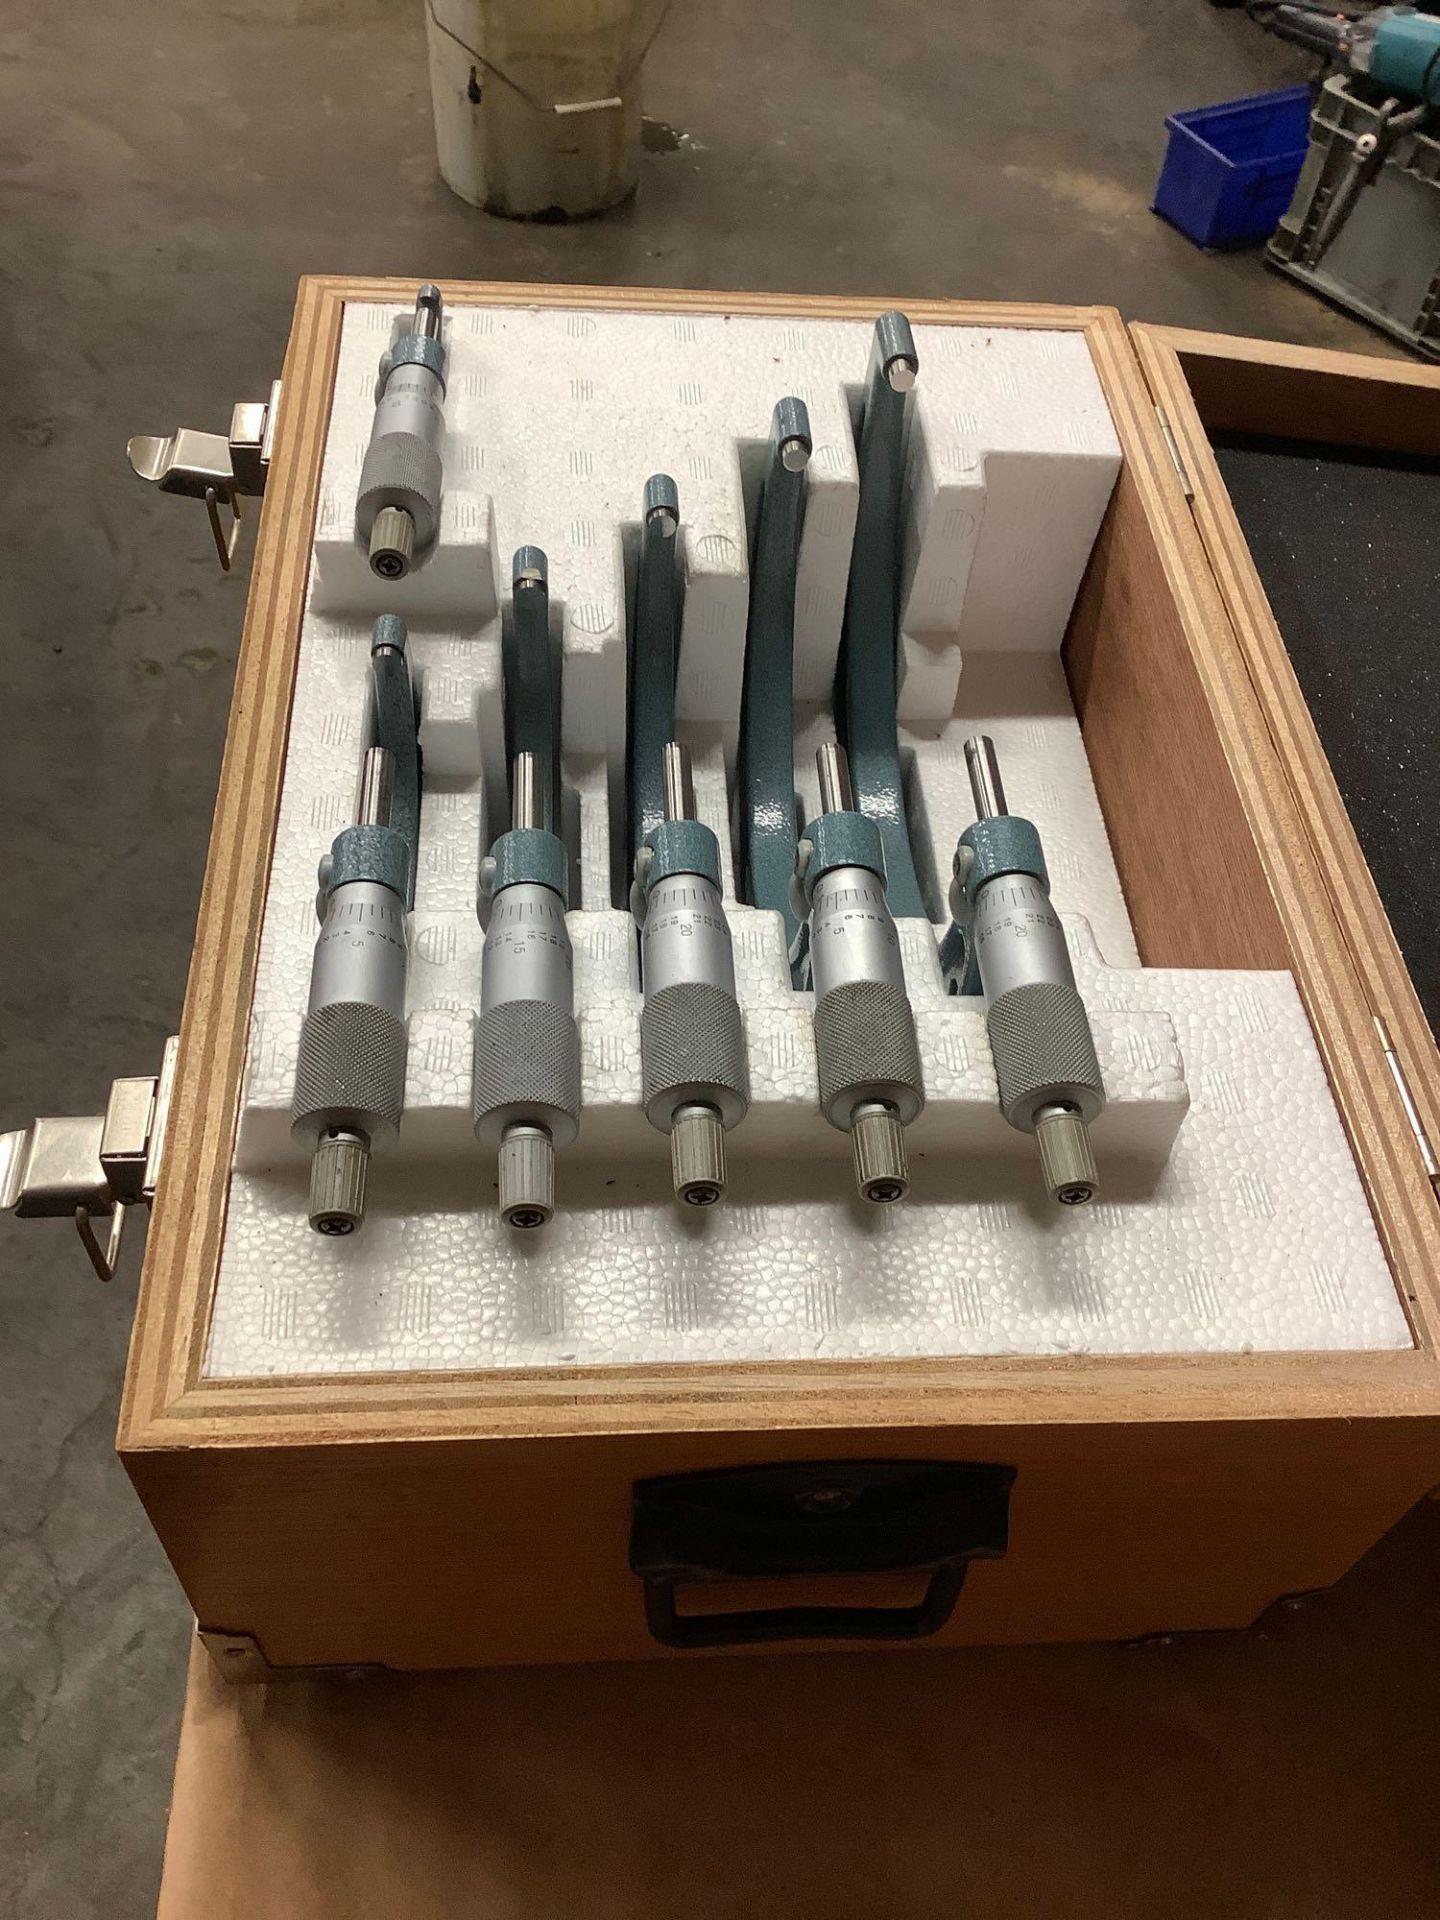 """Mitutoyo OD Micrometer Set: 0-1"""" thru 5-6"""" - Image 2 of 4"""